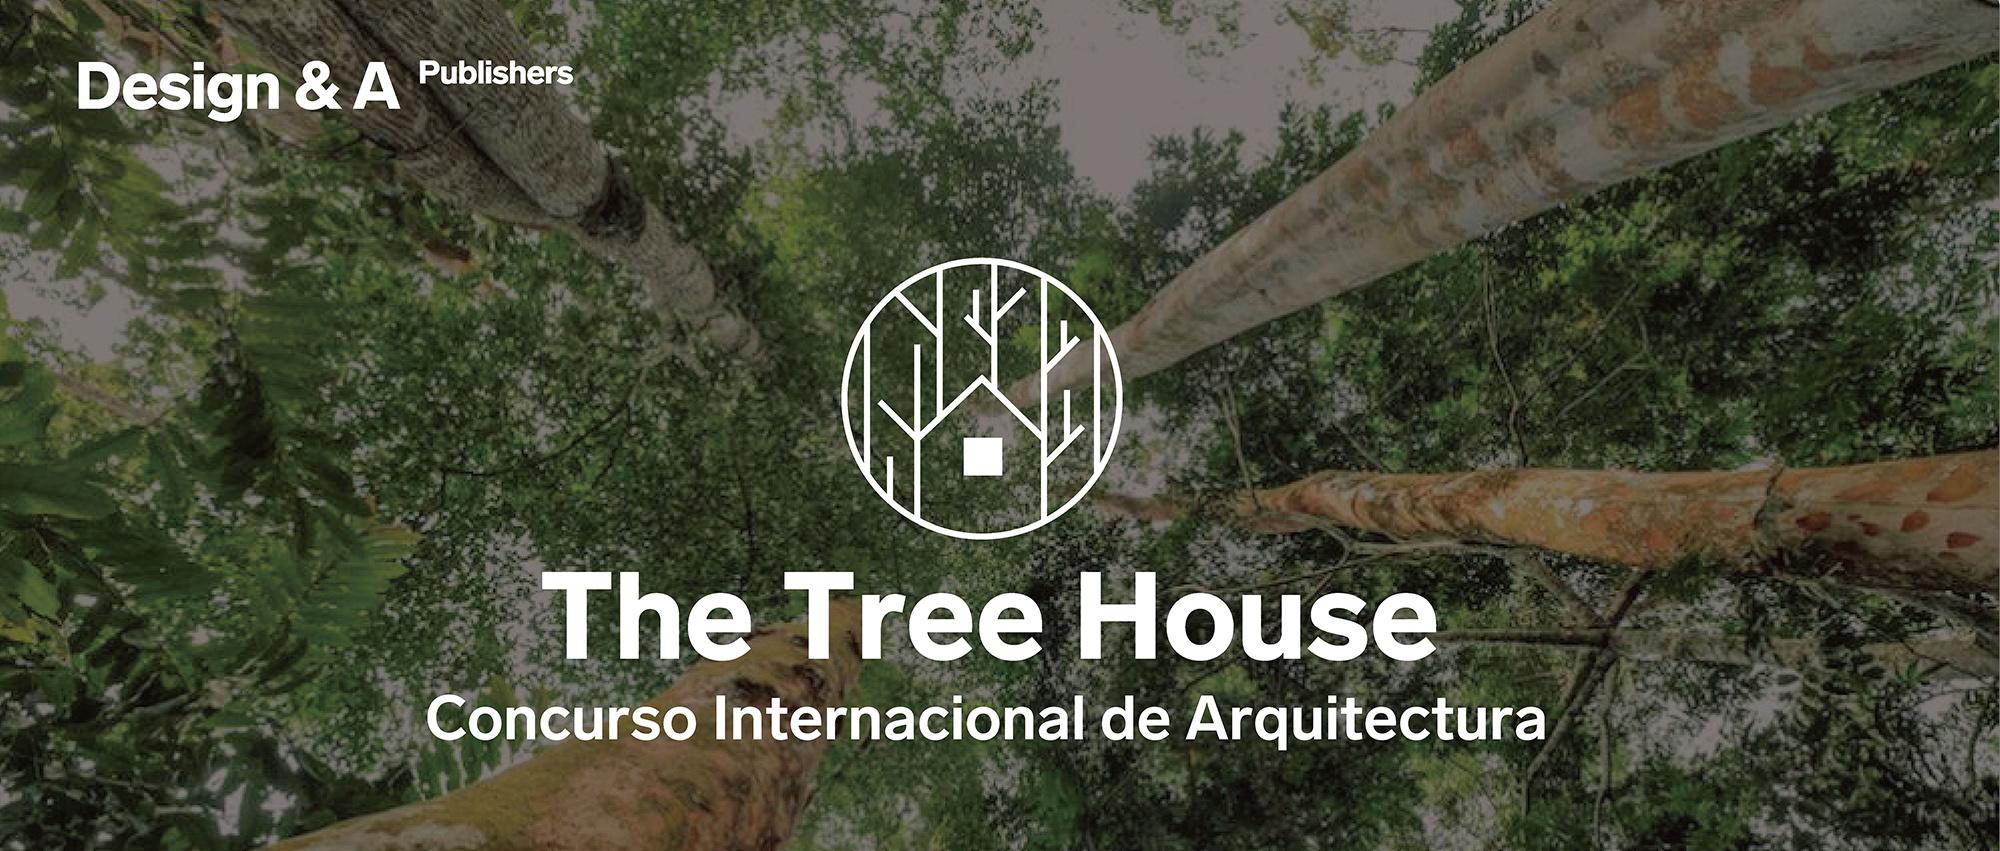 树屋(The Tree House)设计竞赛